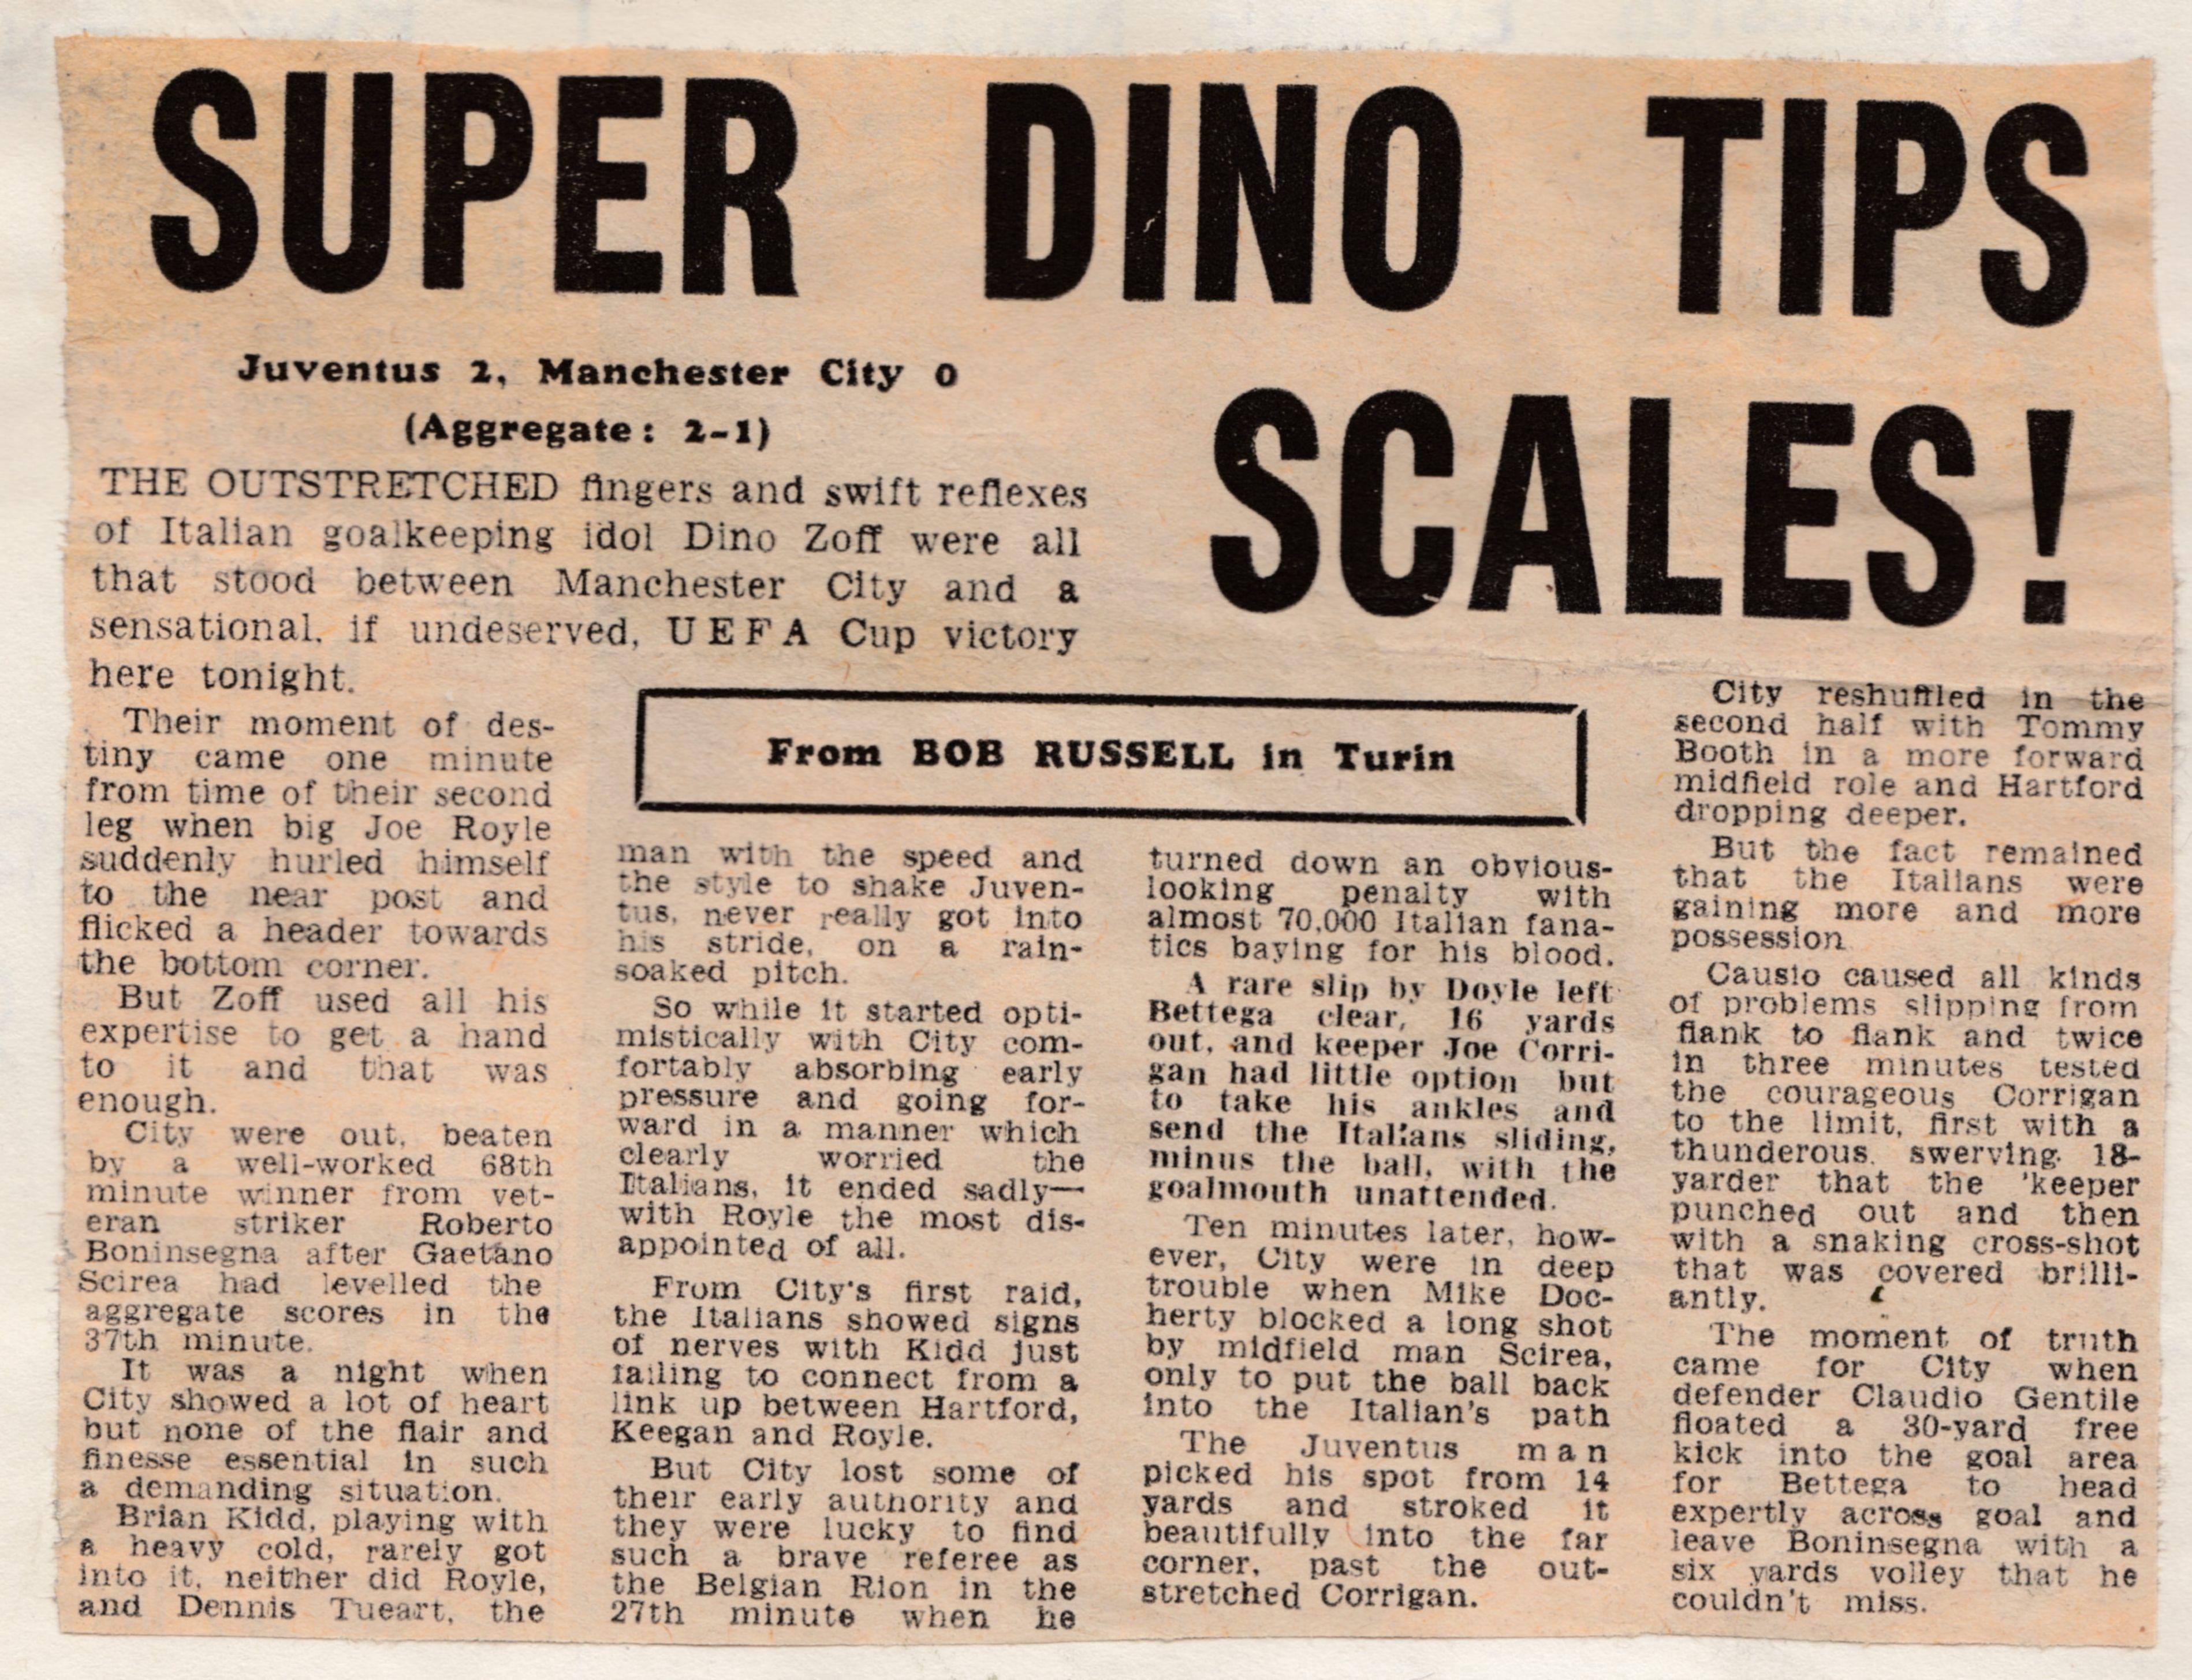 juventus away 1976 to 77 Daily mirror 30 sep 76